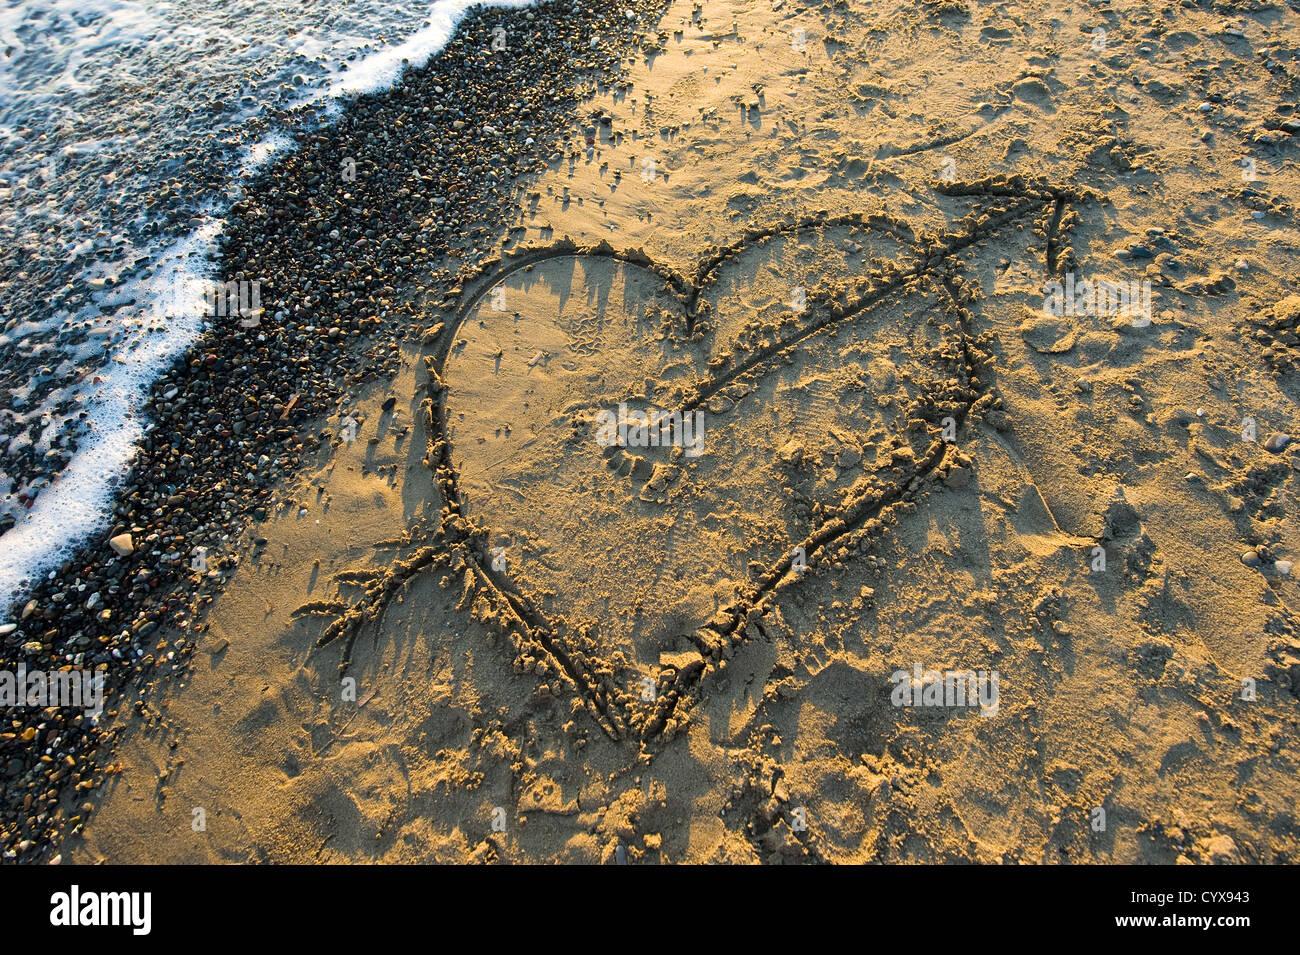 Un coeur avec une flèche tracée dans le sable sur une plage Banque D'Images